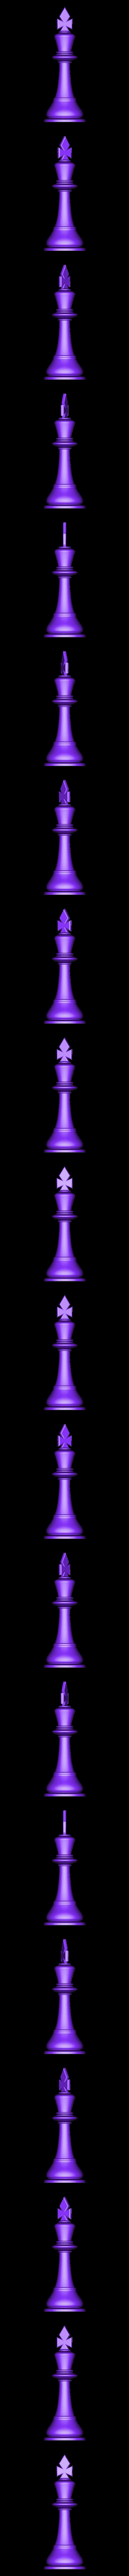 King.stl Télécharger fichier OBJ gratuit King • Plan pour imprimante 3D, g4bbigo